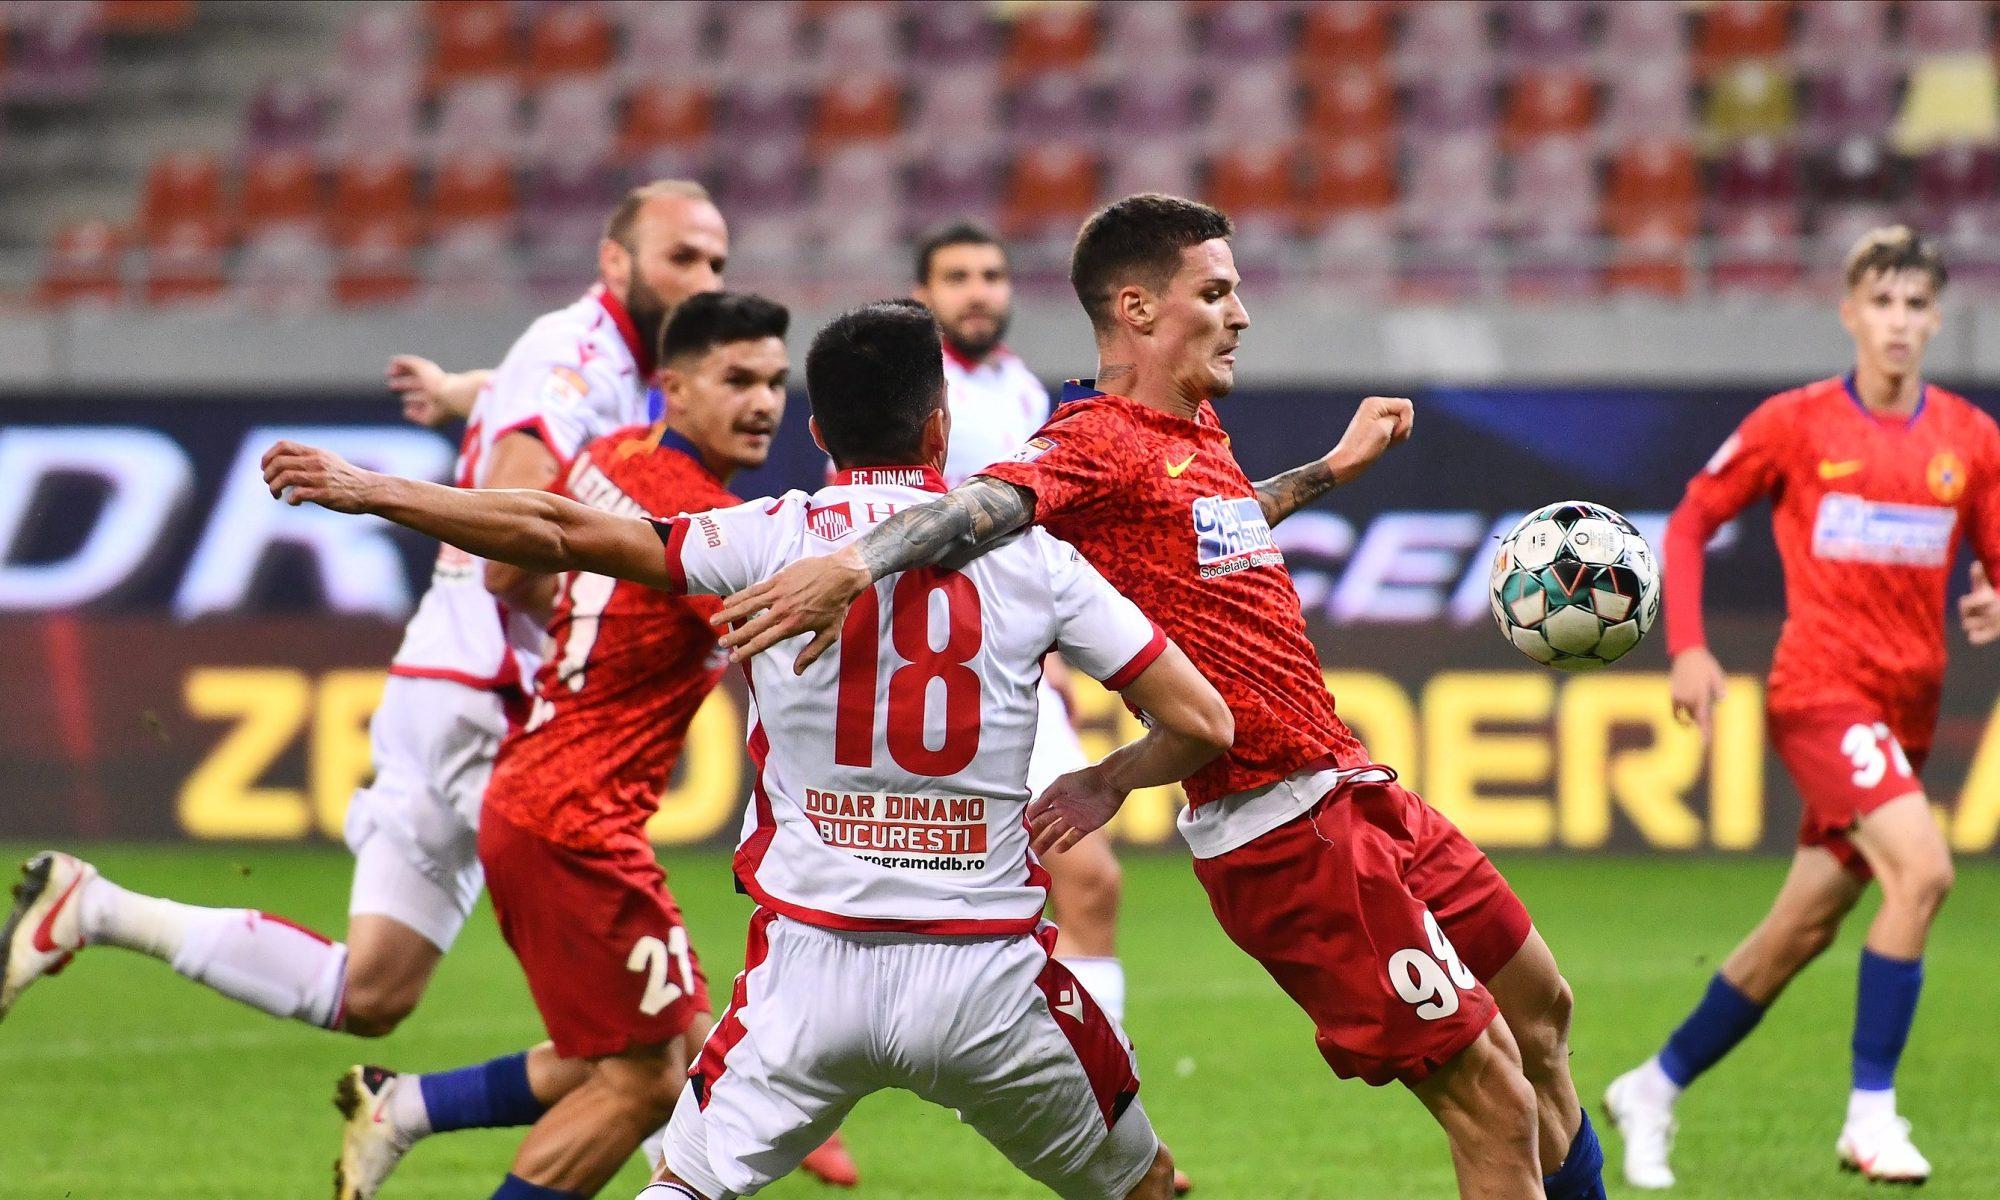 Dennis Man lămurește faza penalty-ului de la FCSB - Dinamo. Sursă foto: sportpictures.eu